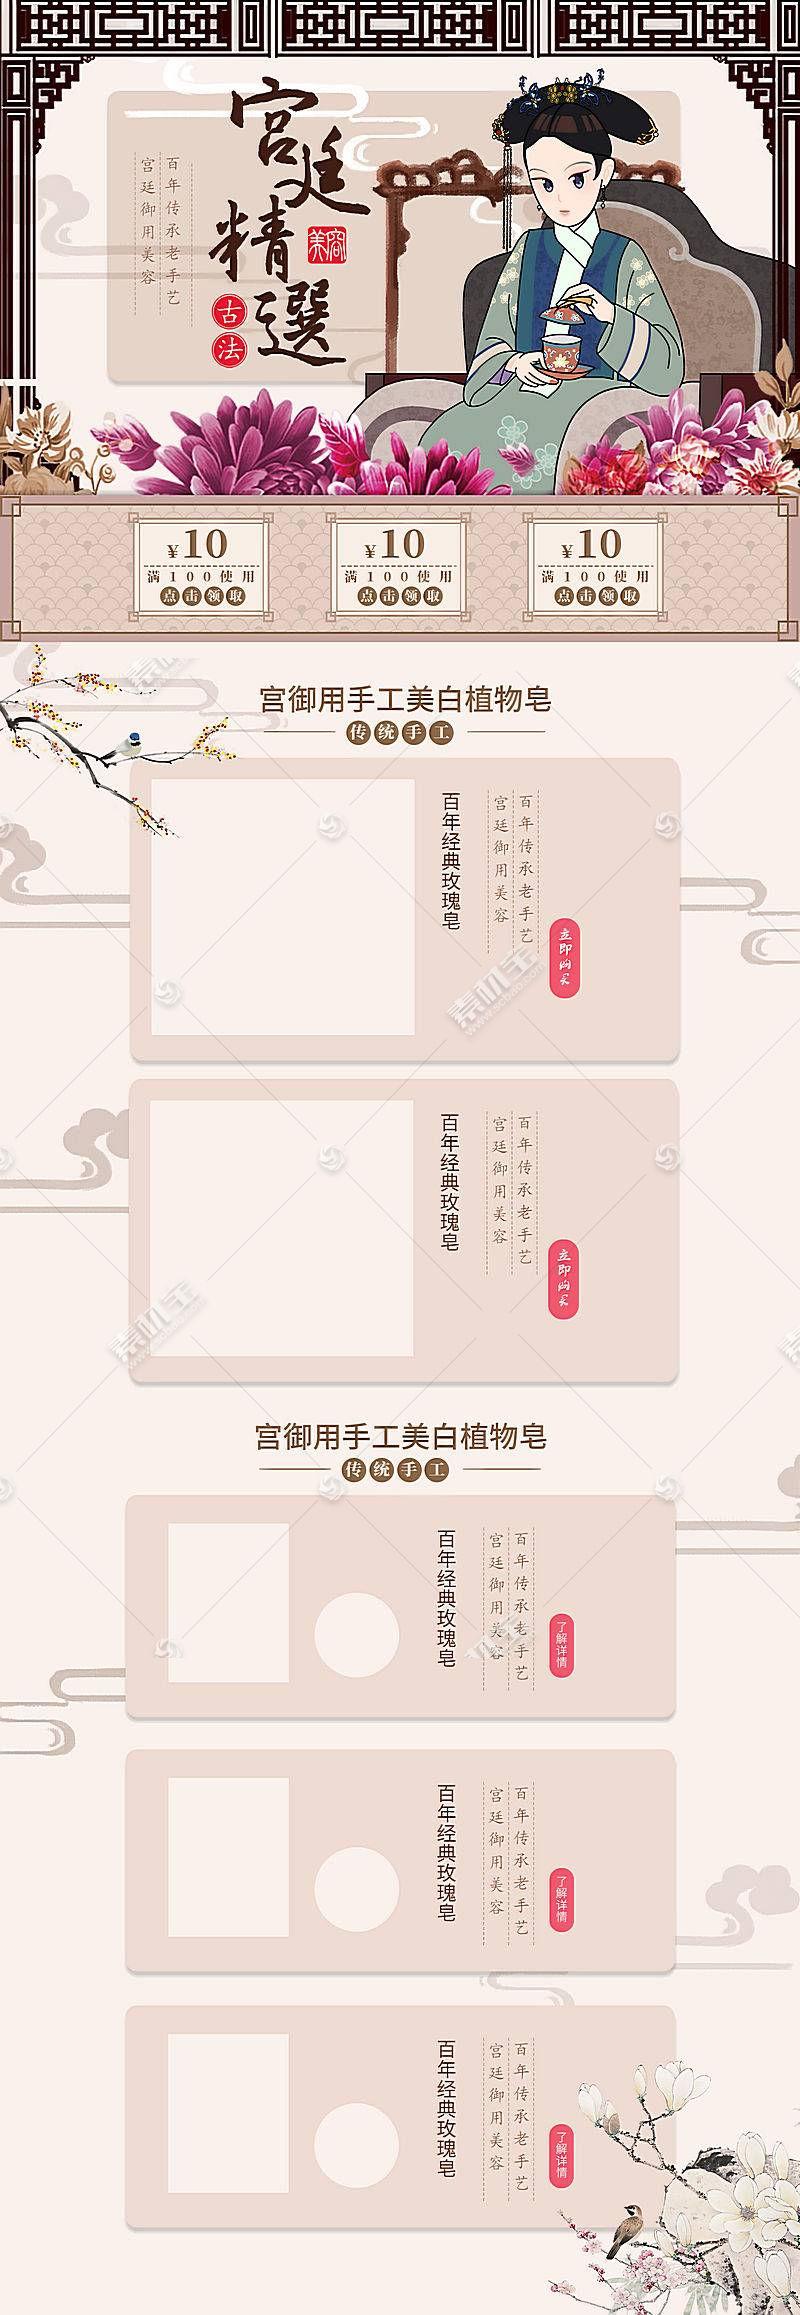 时尚创意国潮风电商主题通用首页模板